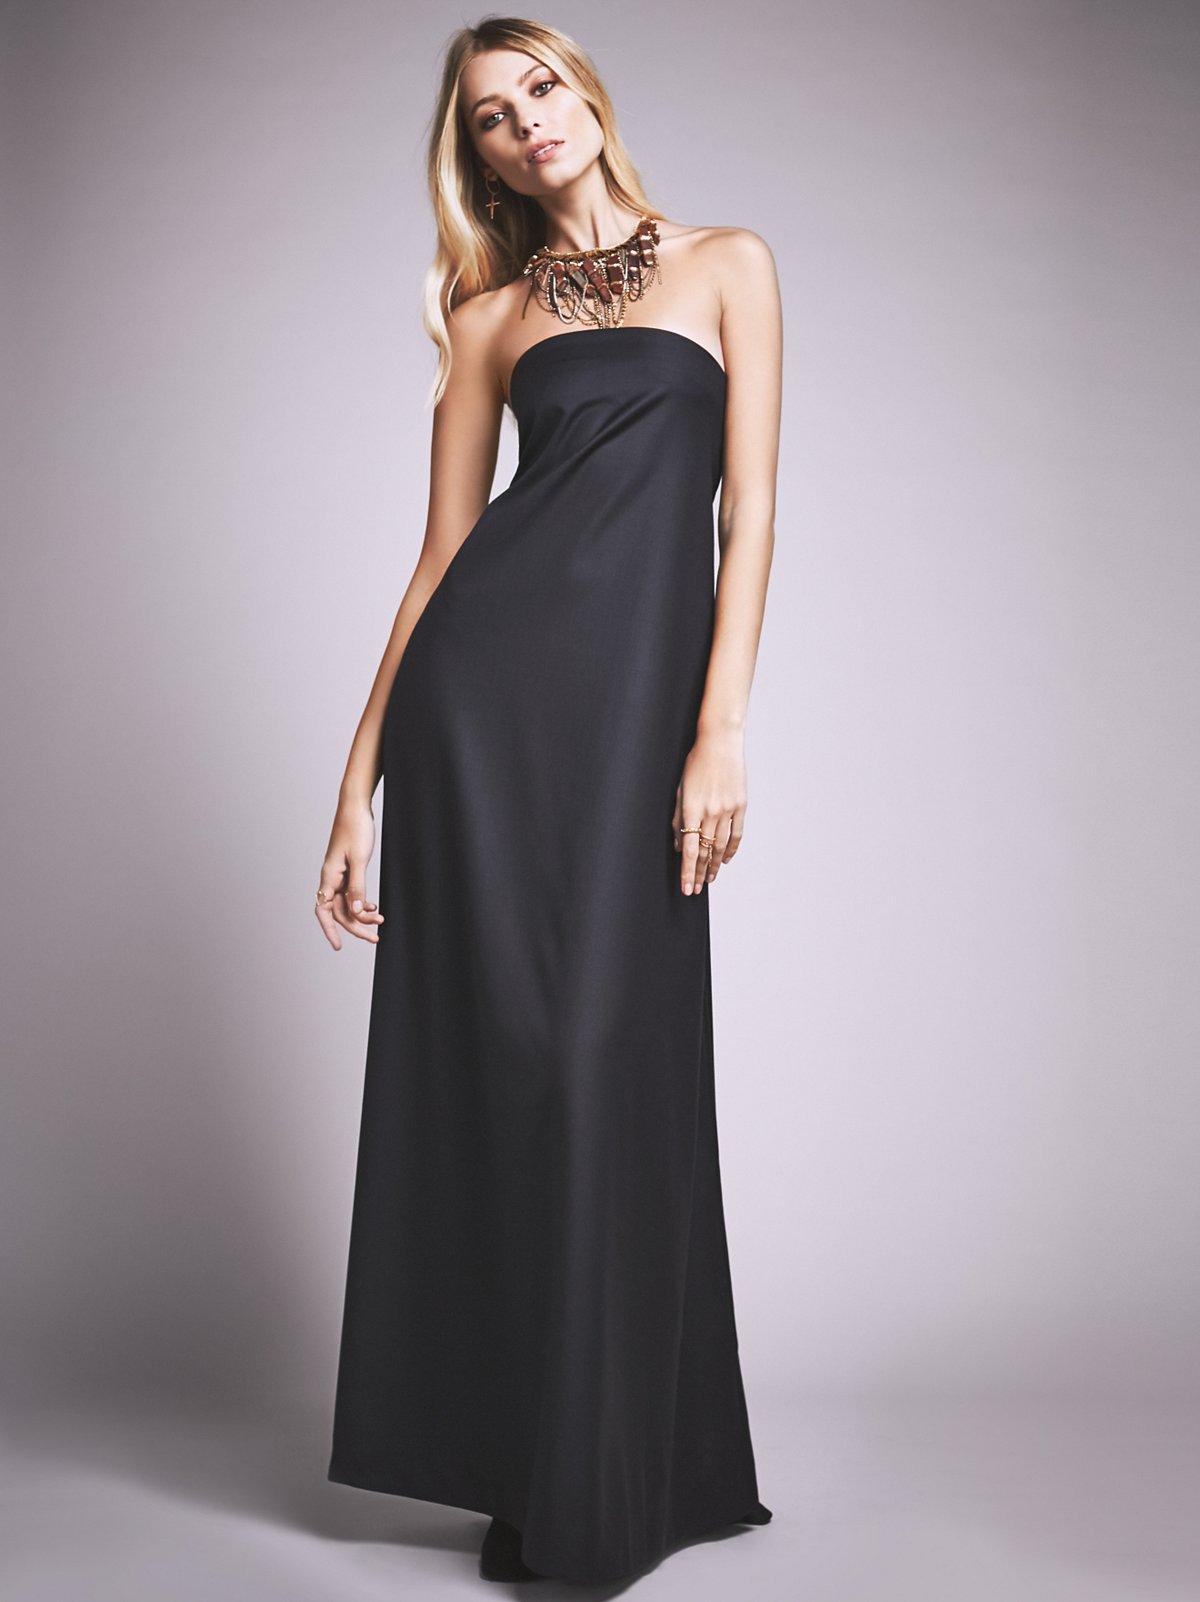 Josephine连衣裙